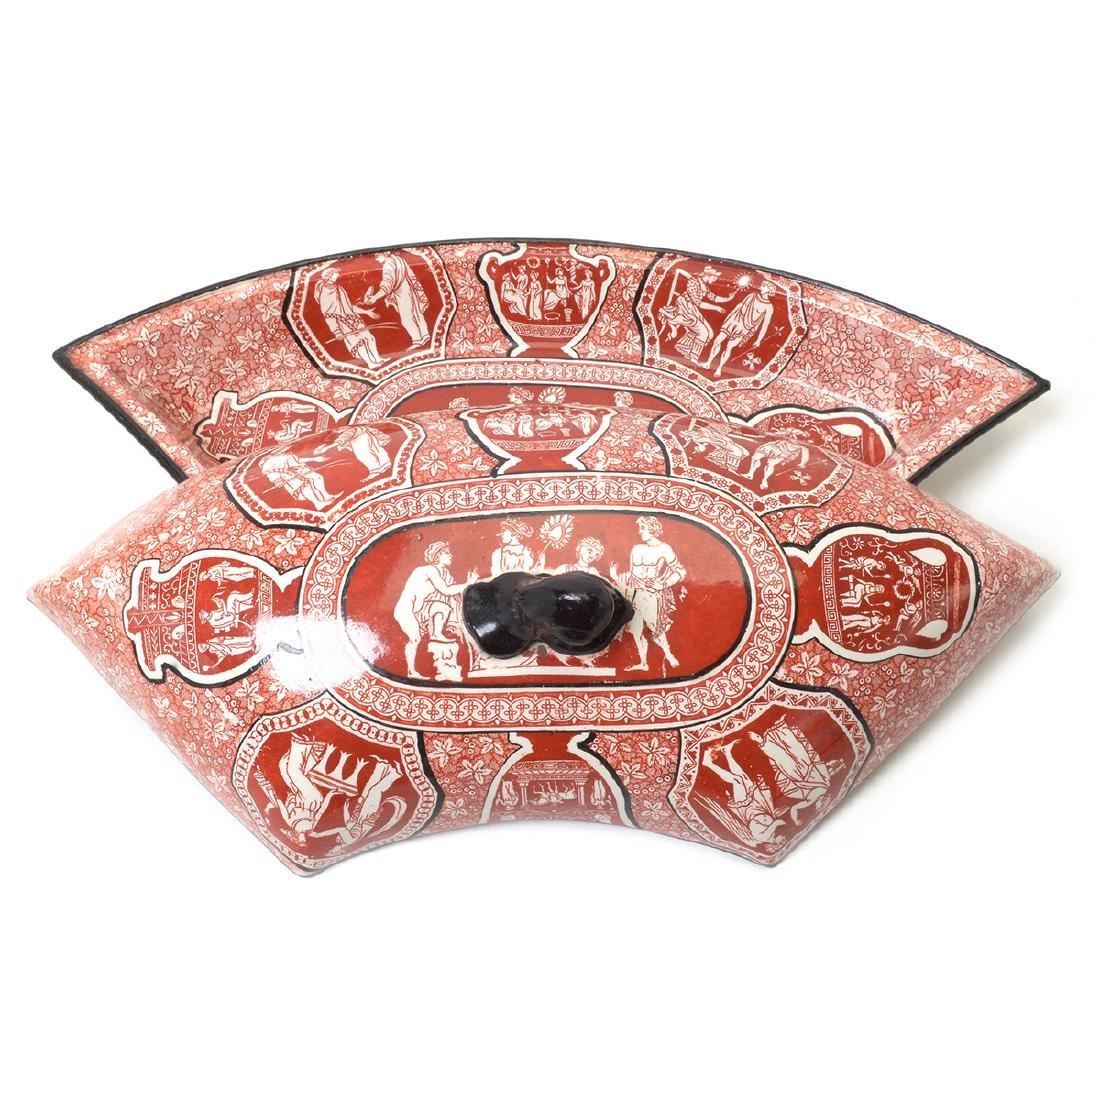 Spode Ceramic Partial Supper Set, Comprising Four - 2